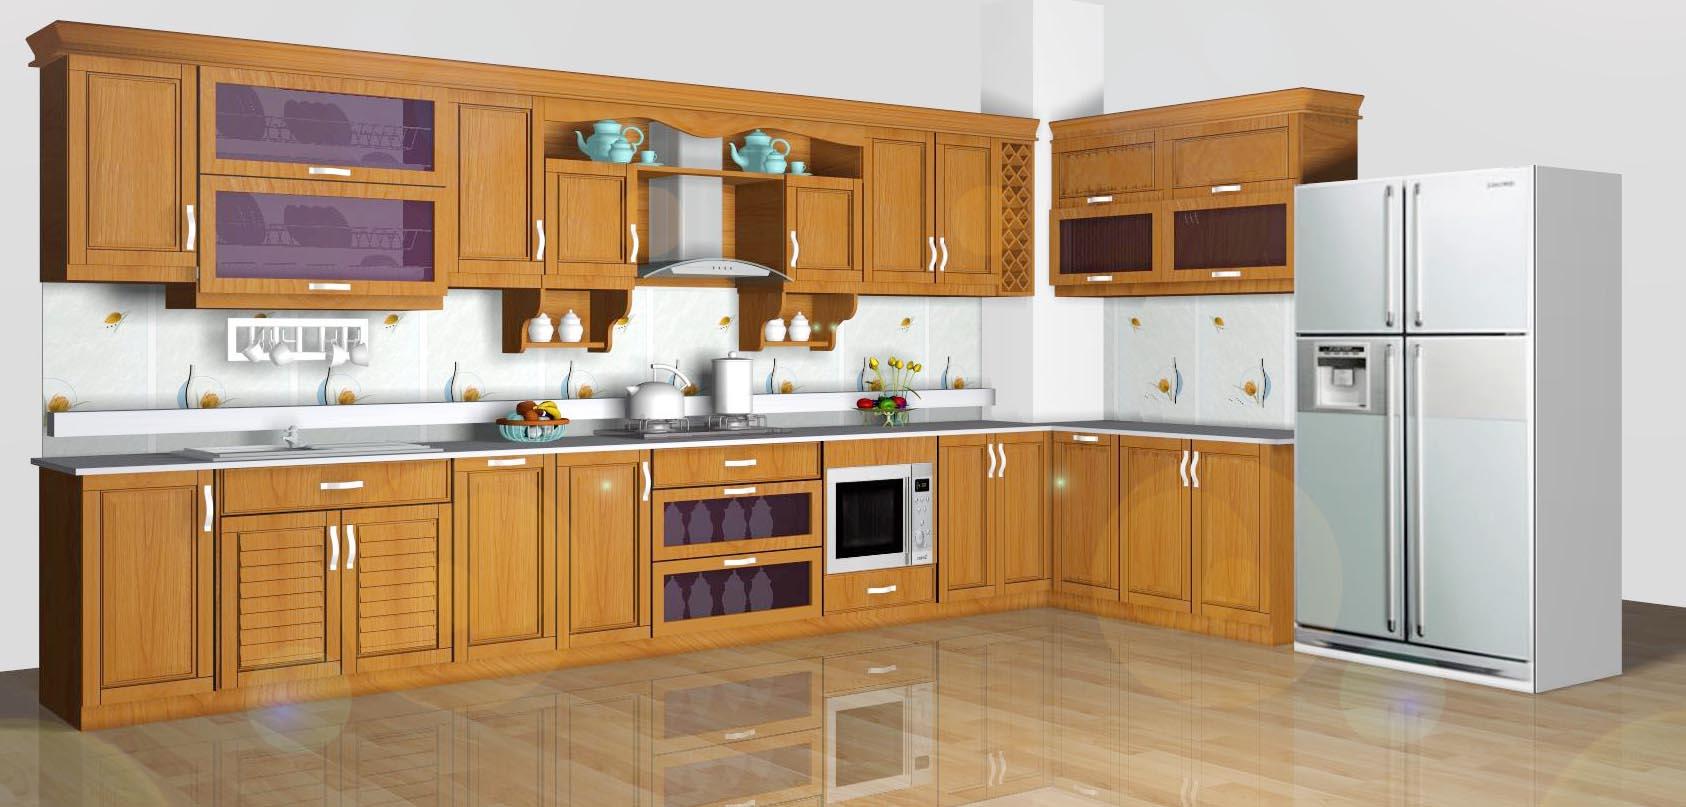 Tủ Bếp Dạng Chữ L Cho Nhà Phố - Gỗ Sồi Hiện Đại -038